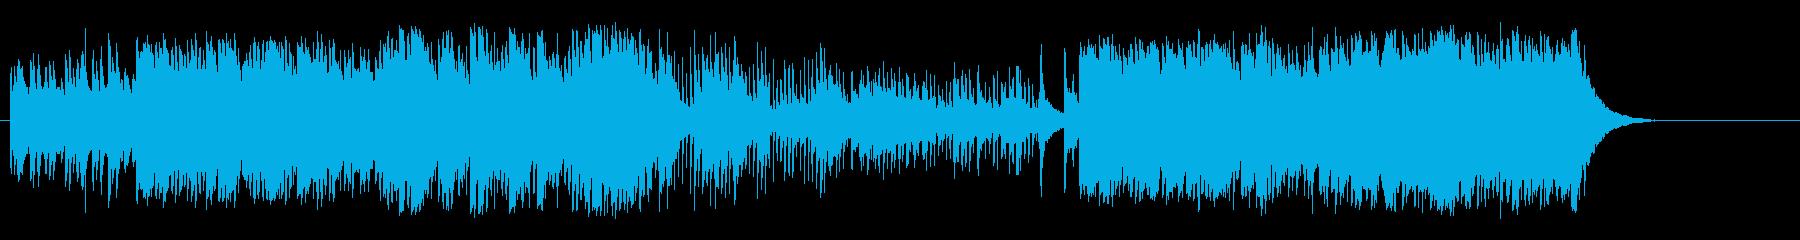 爽やかなBG/アコースティックの再生済みの波形